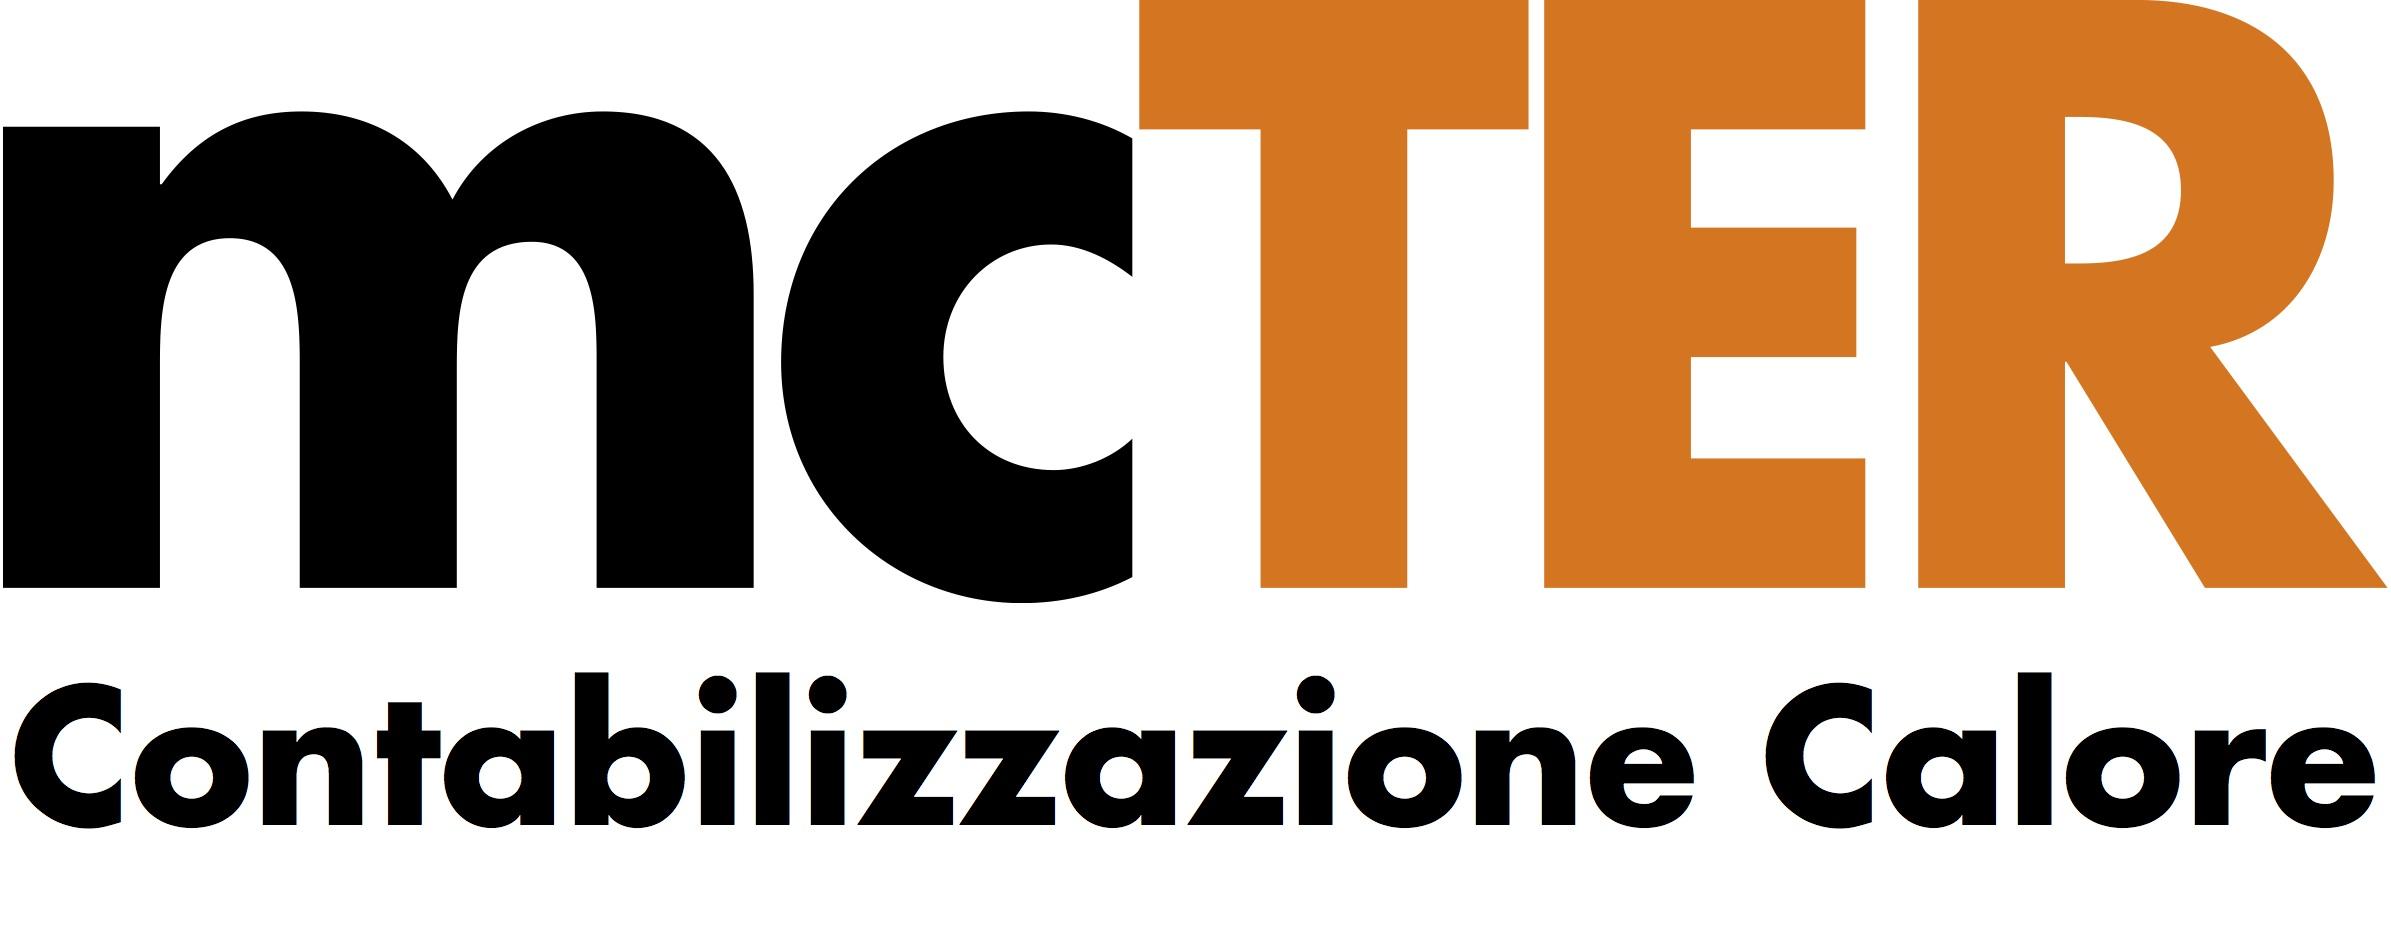 mcter-contabilizzazionecalore